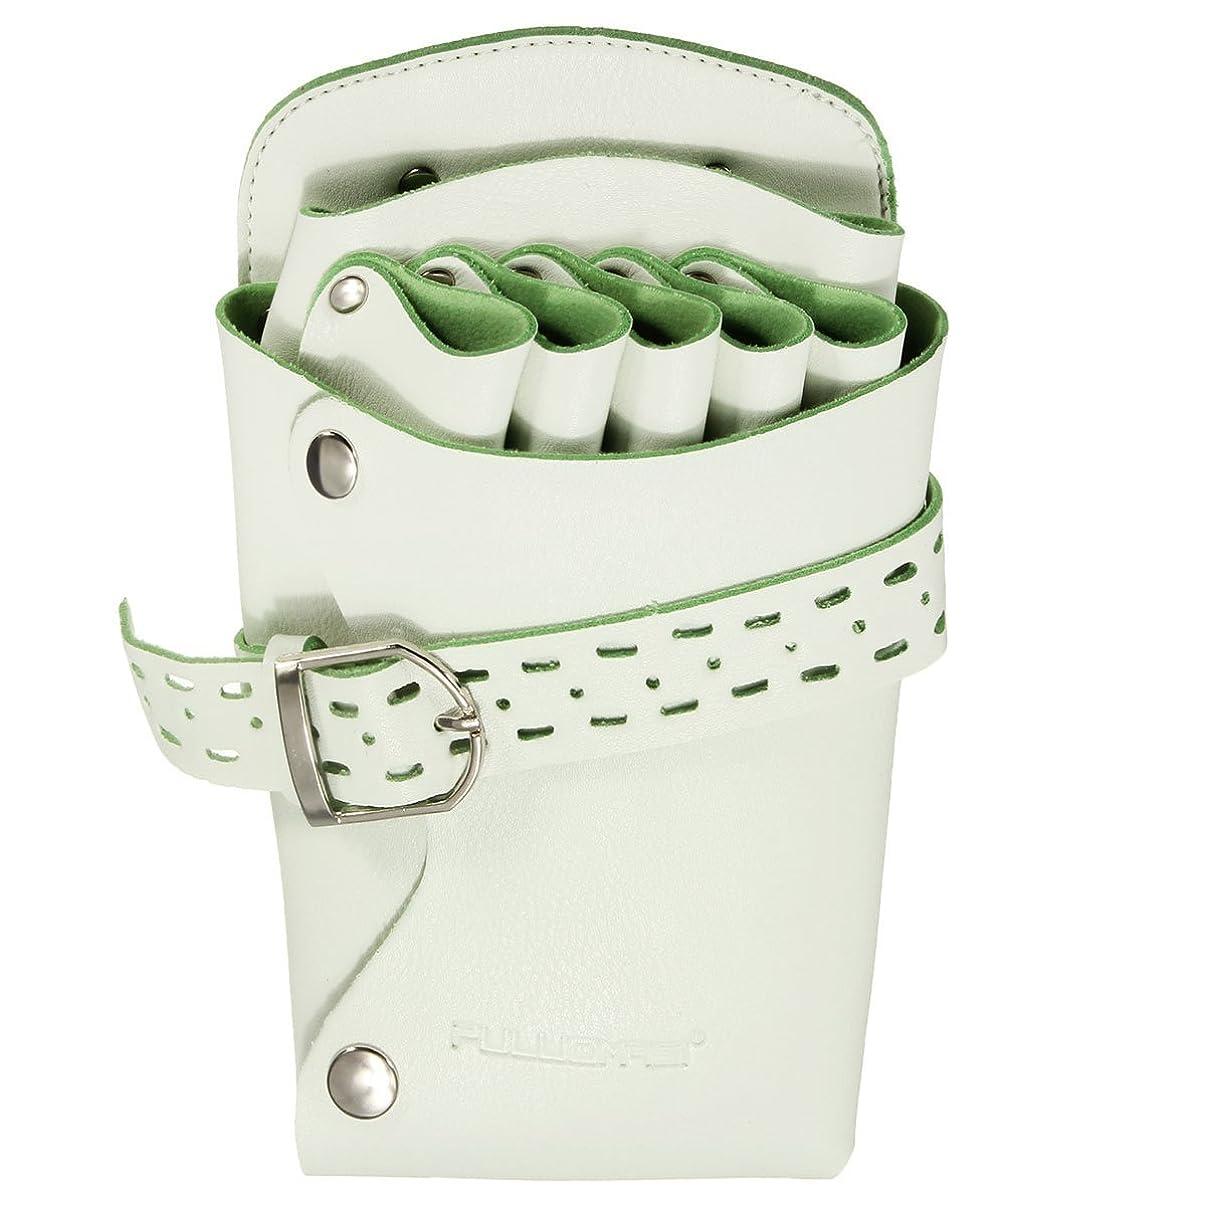 バージン活気づける珍味シザーケースシザーバッグ ハサミ収納 美容師 サロン トリマー 用 2色 淡い緑色